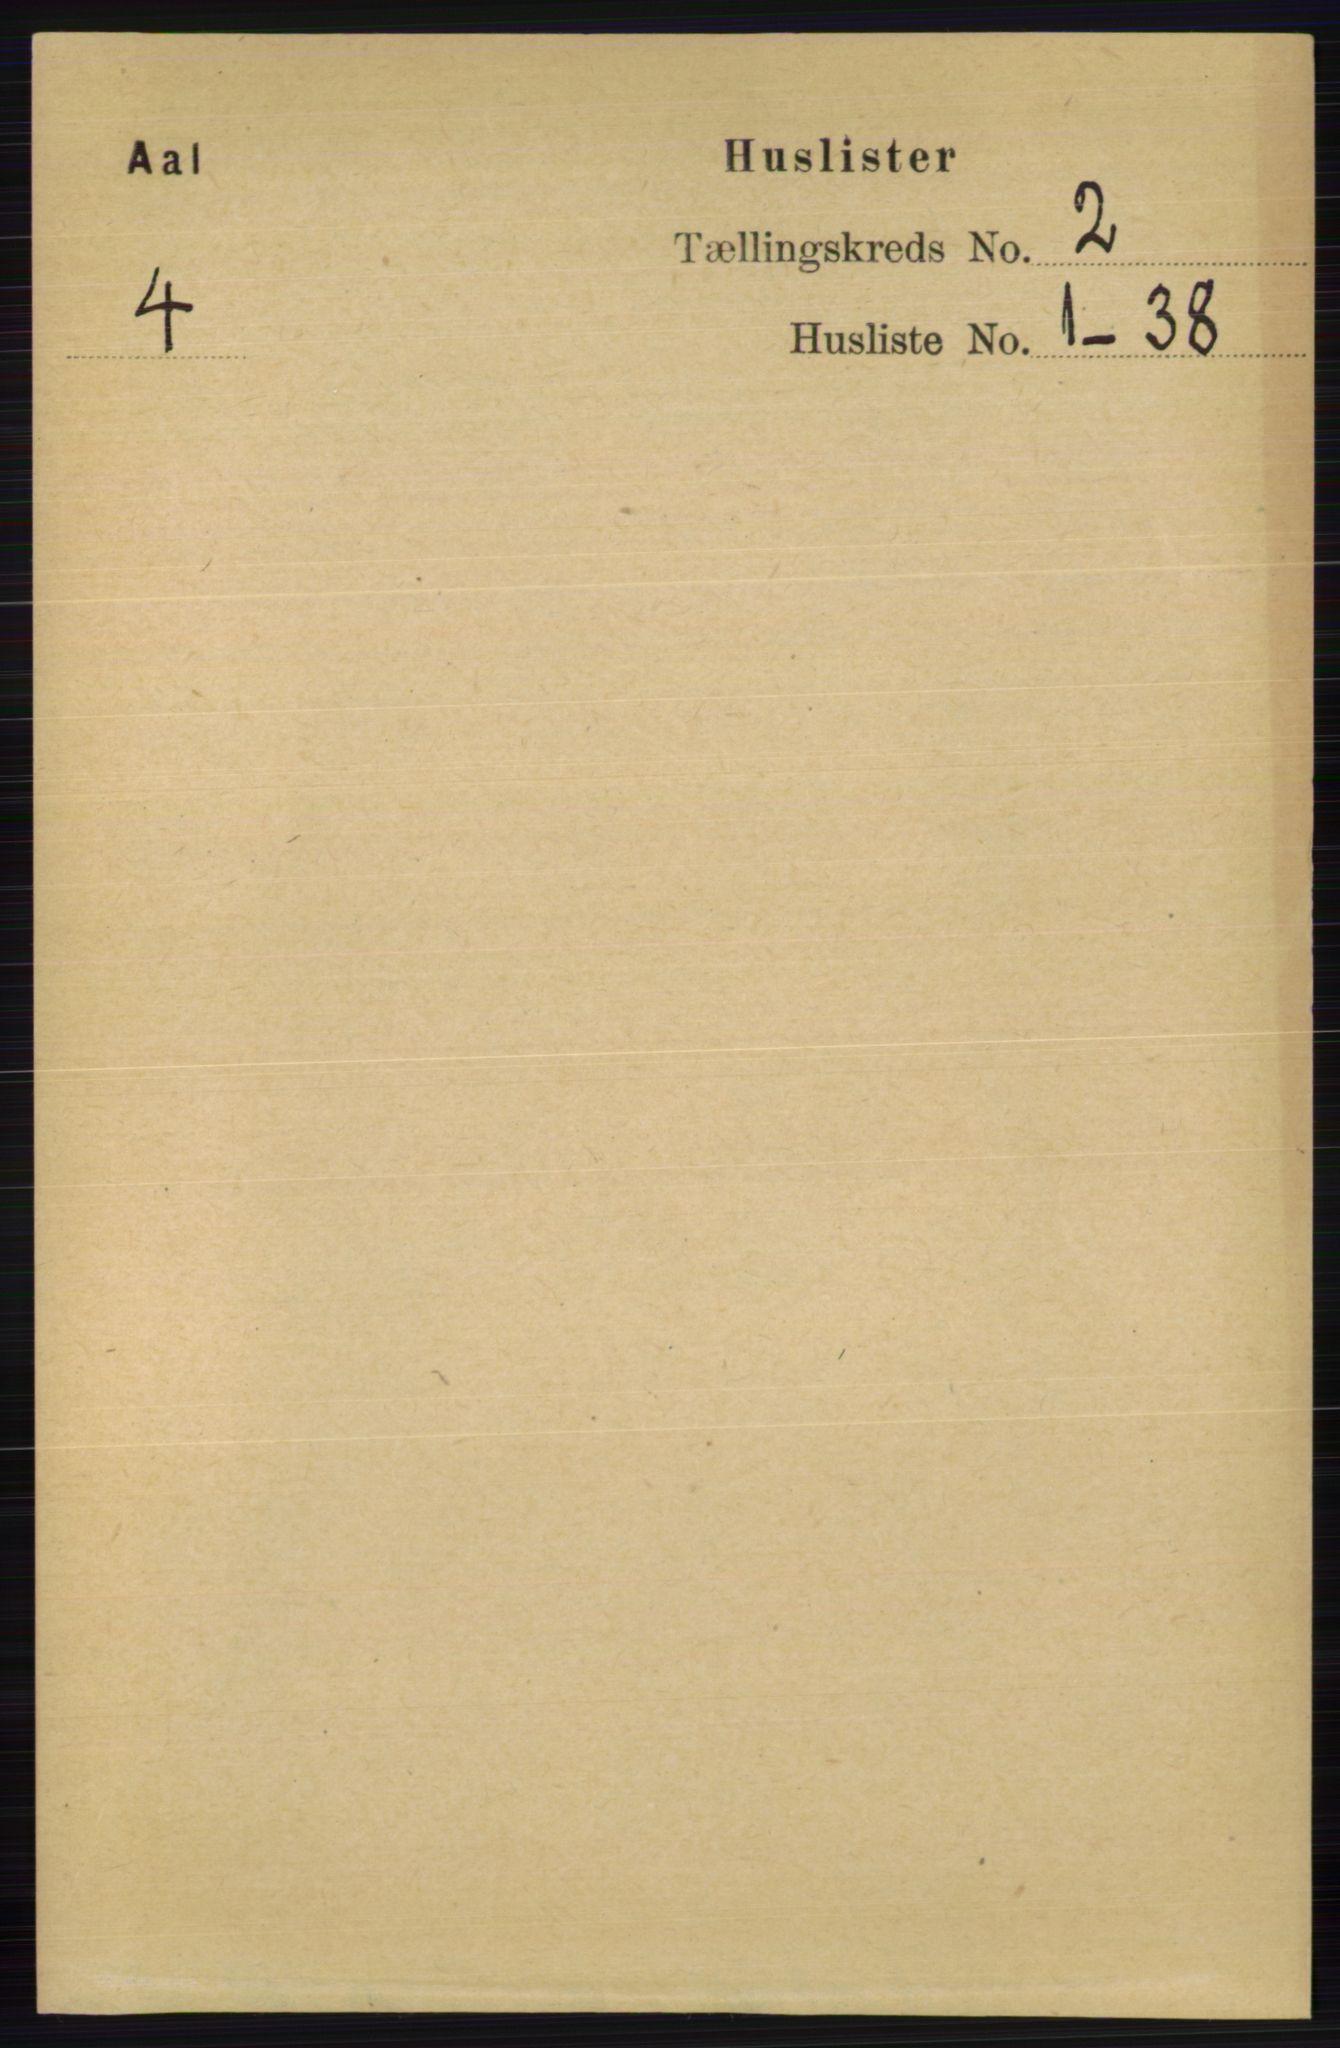 RA, Folketelling 1891 for 0619 Ål herred, 1891, s. 331